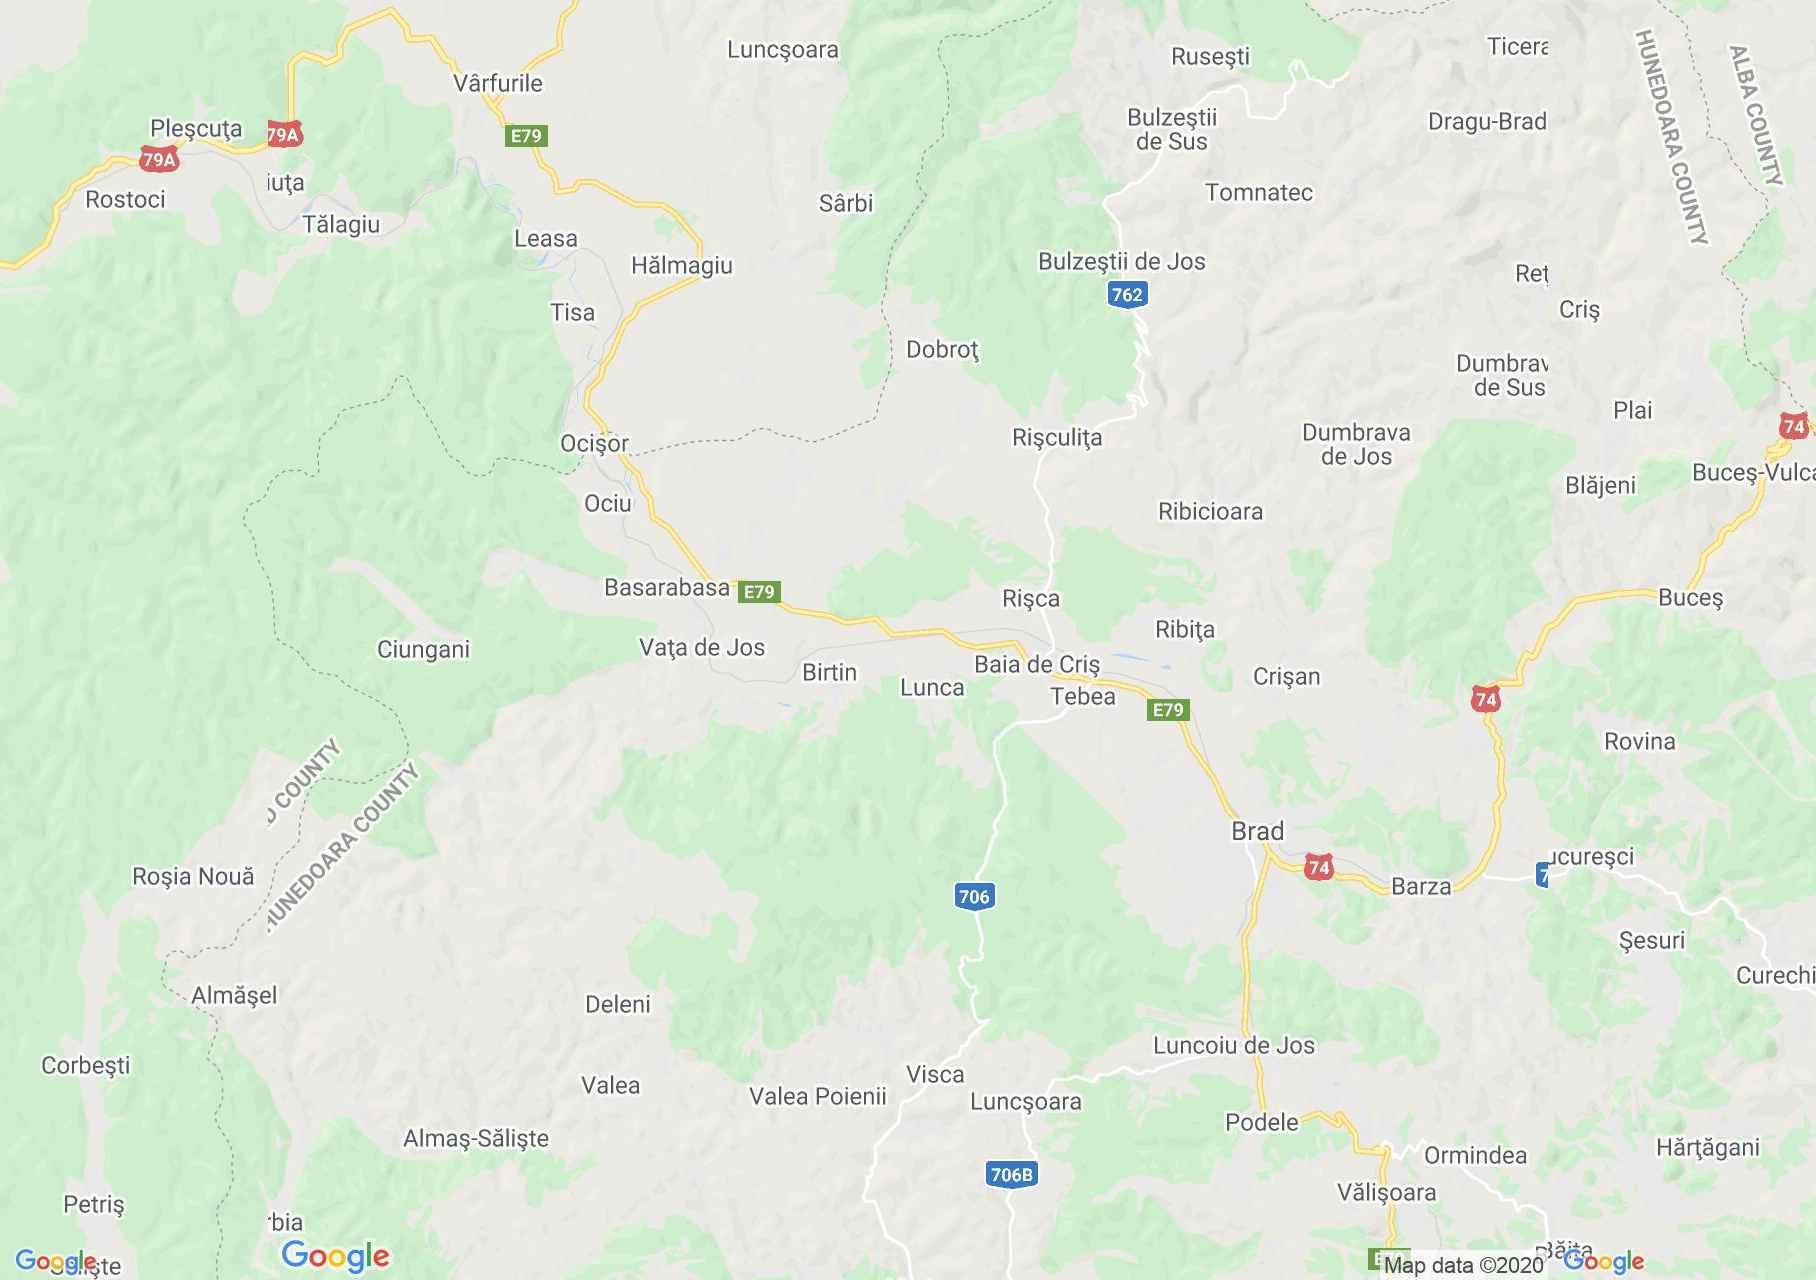 Nagyhalmágy-Körösbánya-Barát interaktív turista térképe.